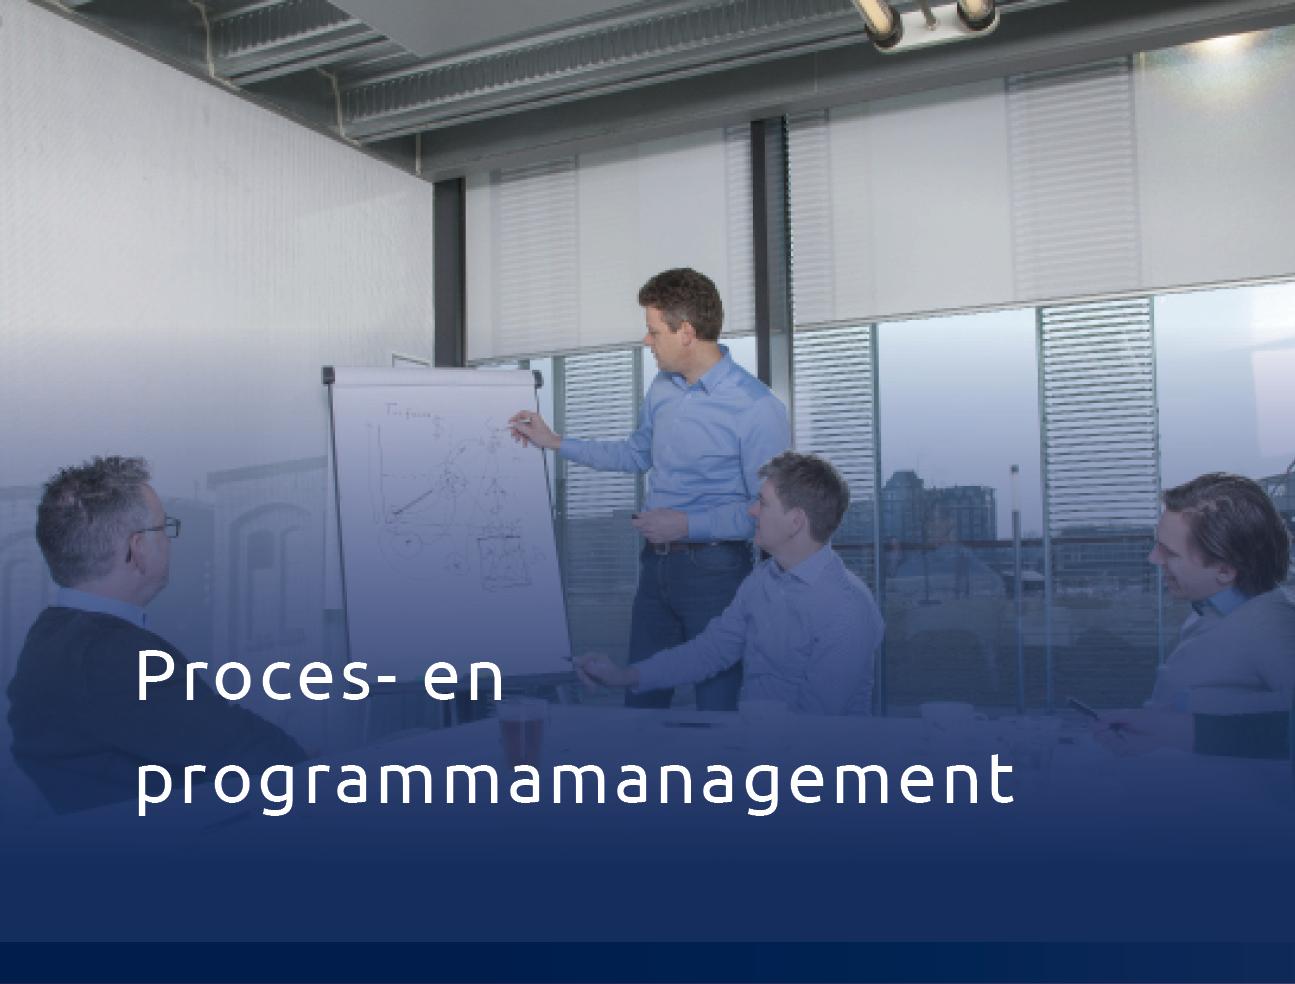 Procs En Programmamanagement